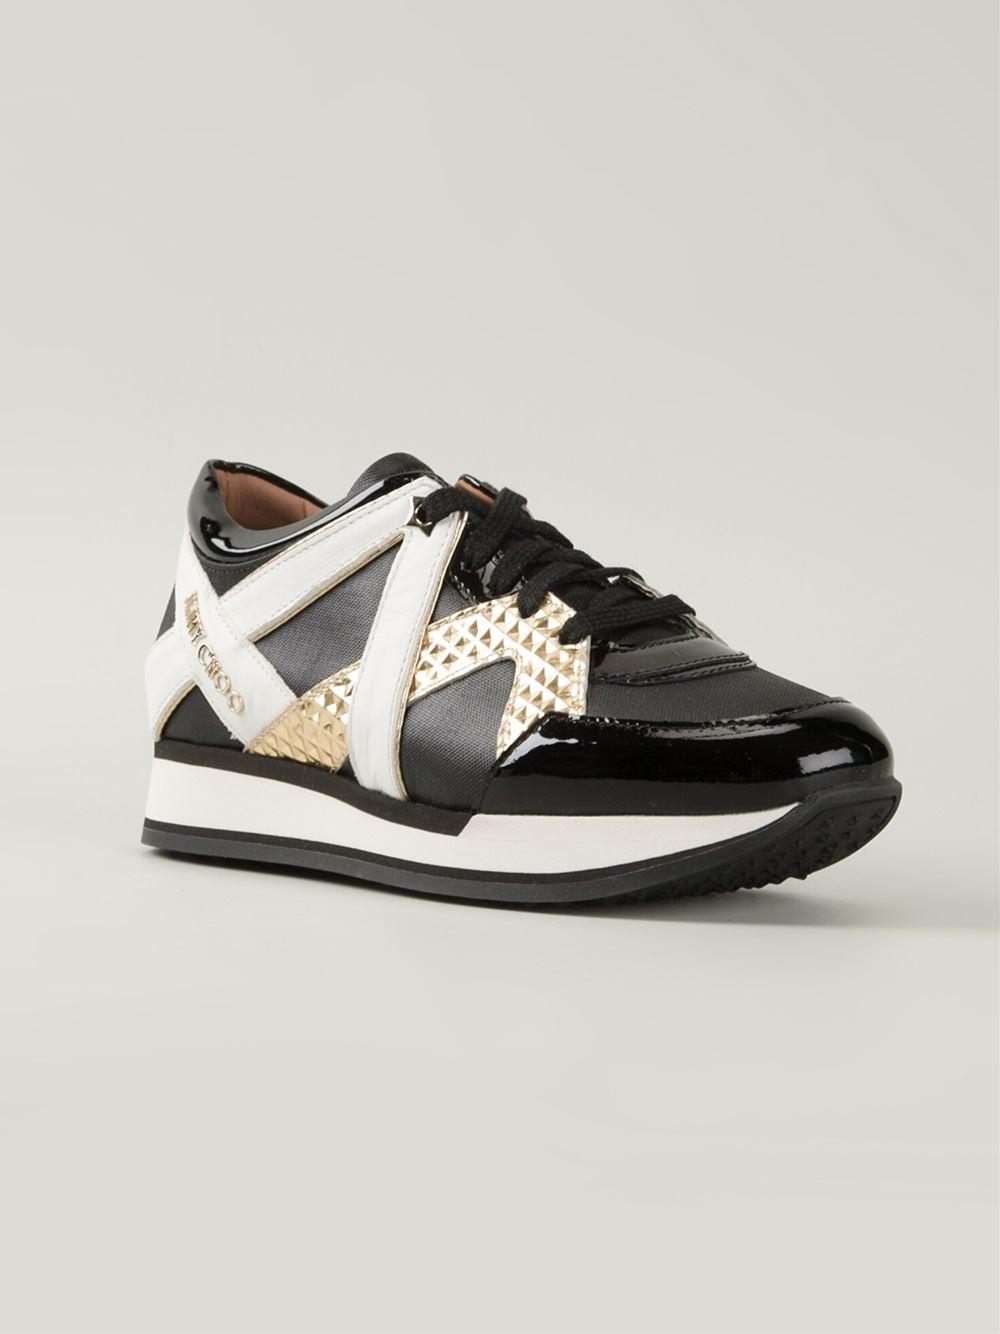 jimmy choo mens sneakers lookup beforebuying. Black Bedroom Furniture Sets. Home Design Ideas